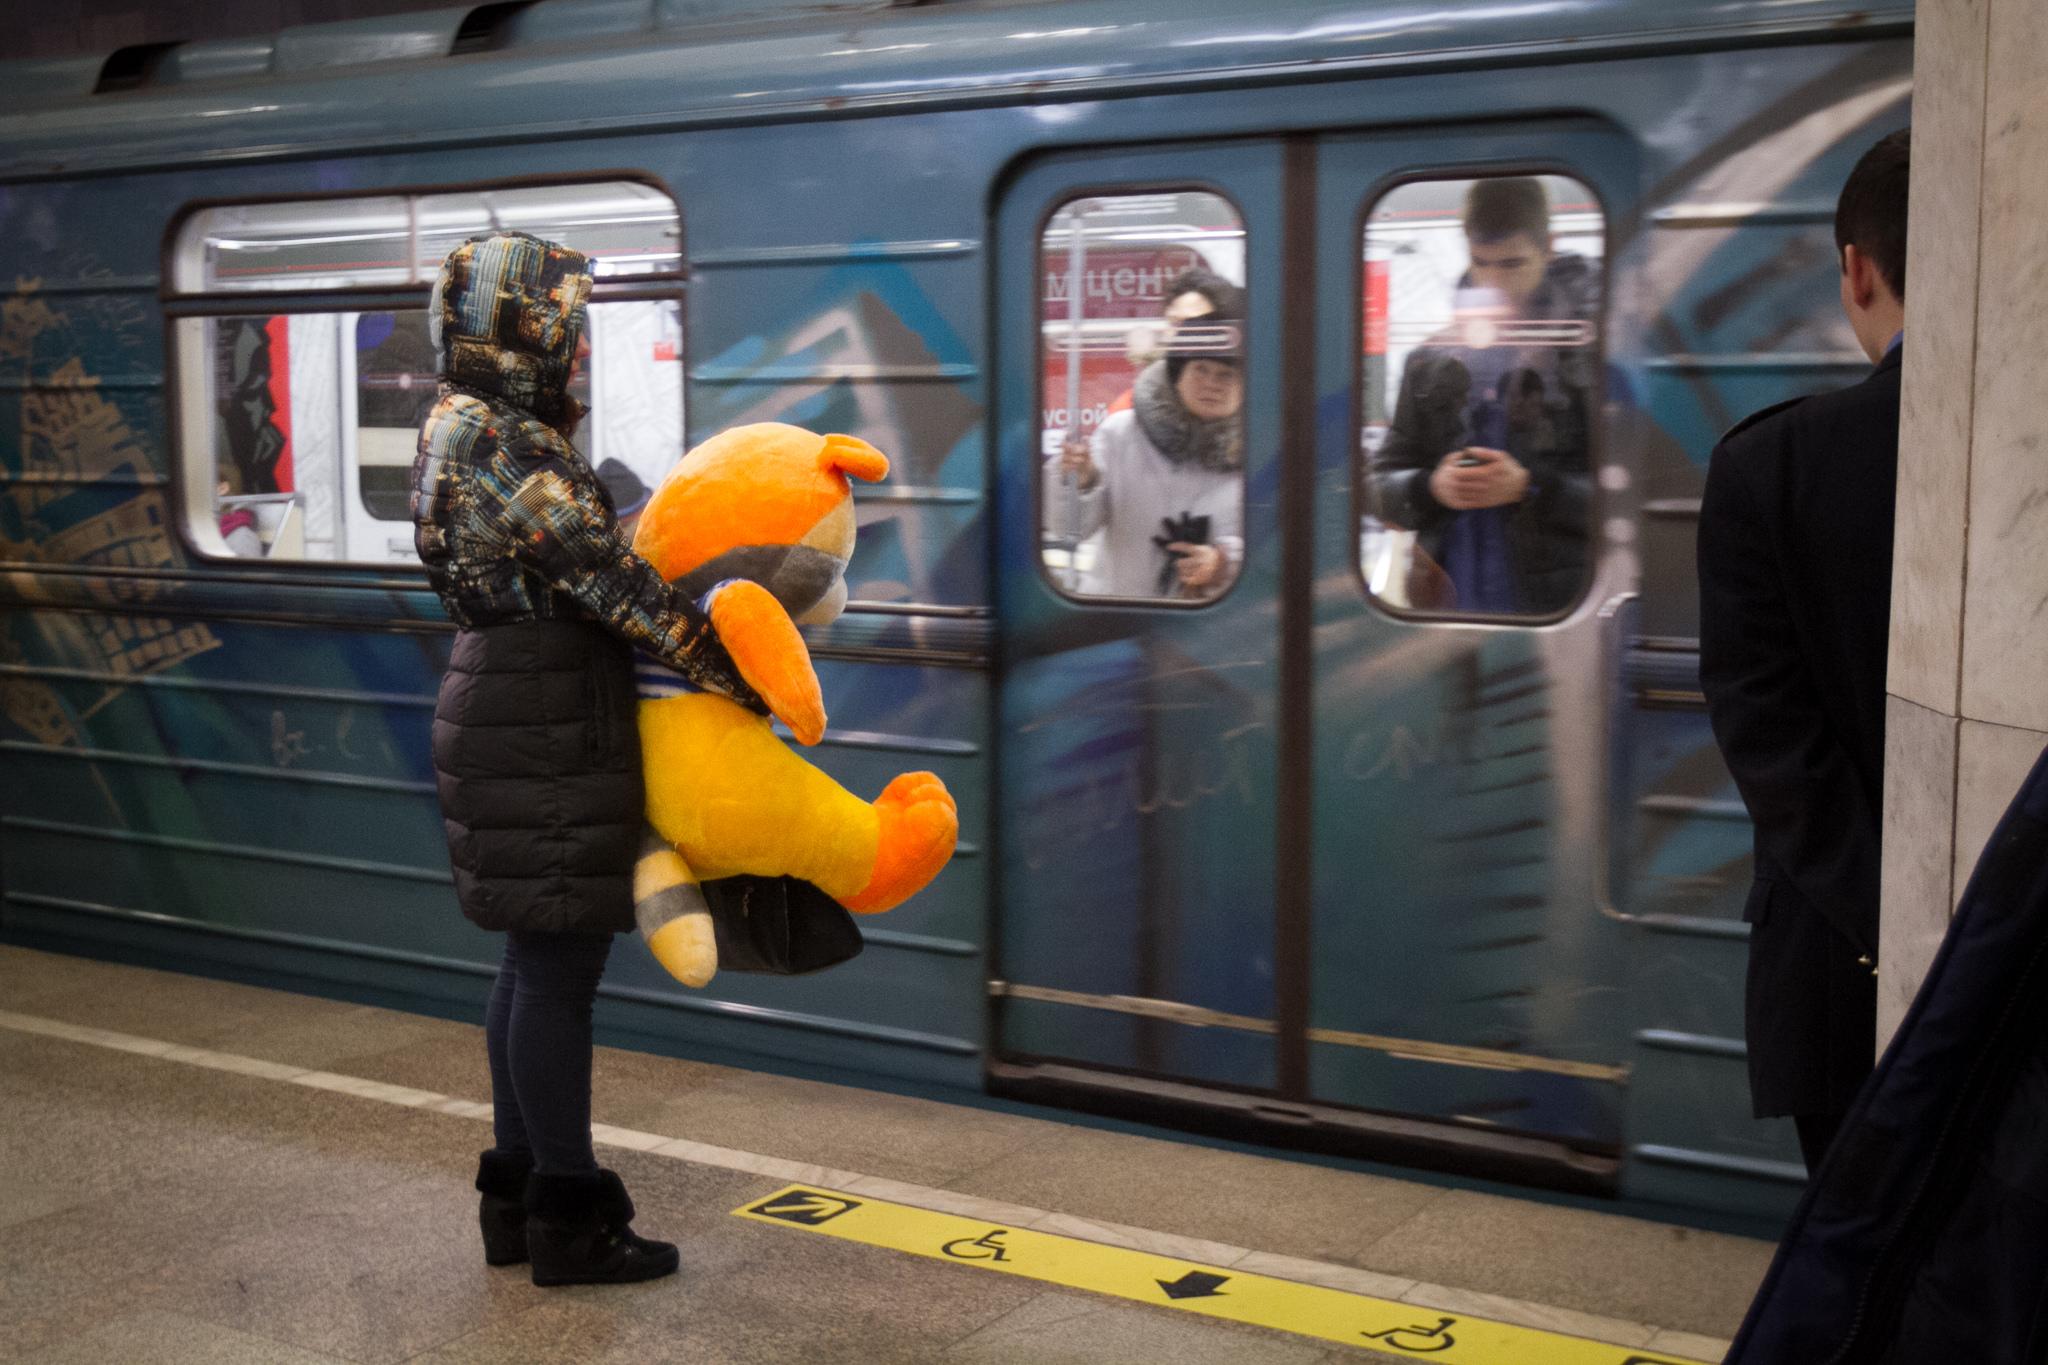 Рассказ в вагоне метро, : Эротические рассказы и секс. Рассказ 18 фотография